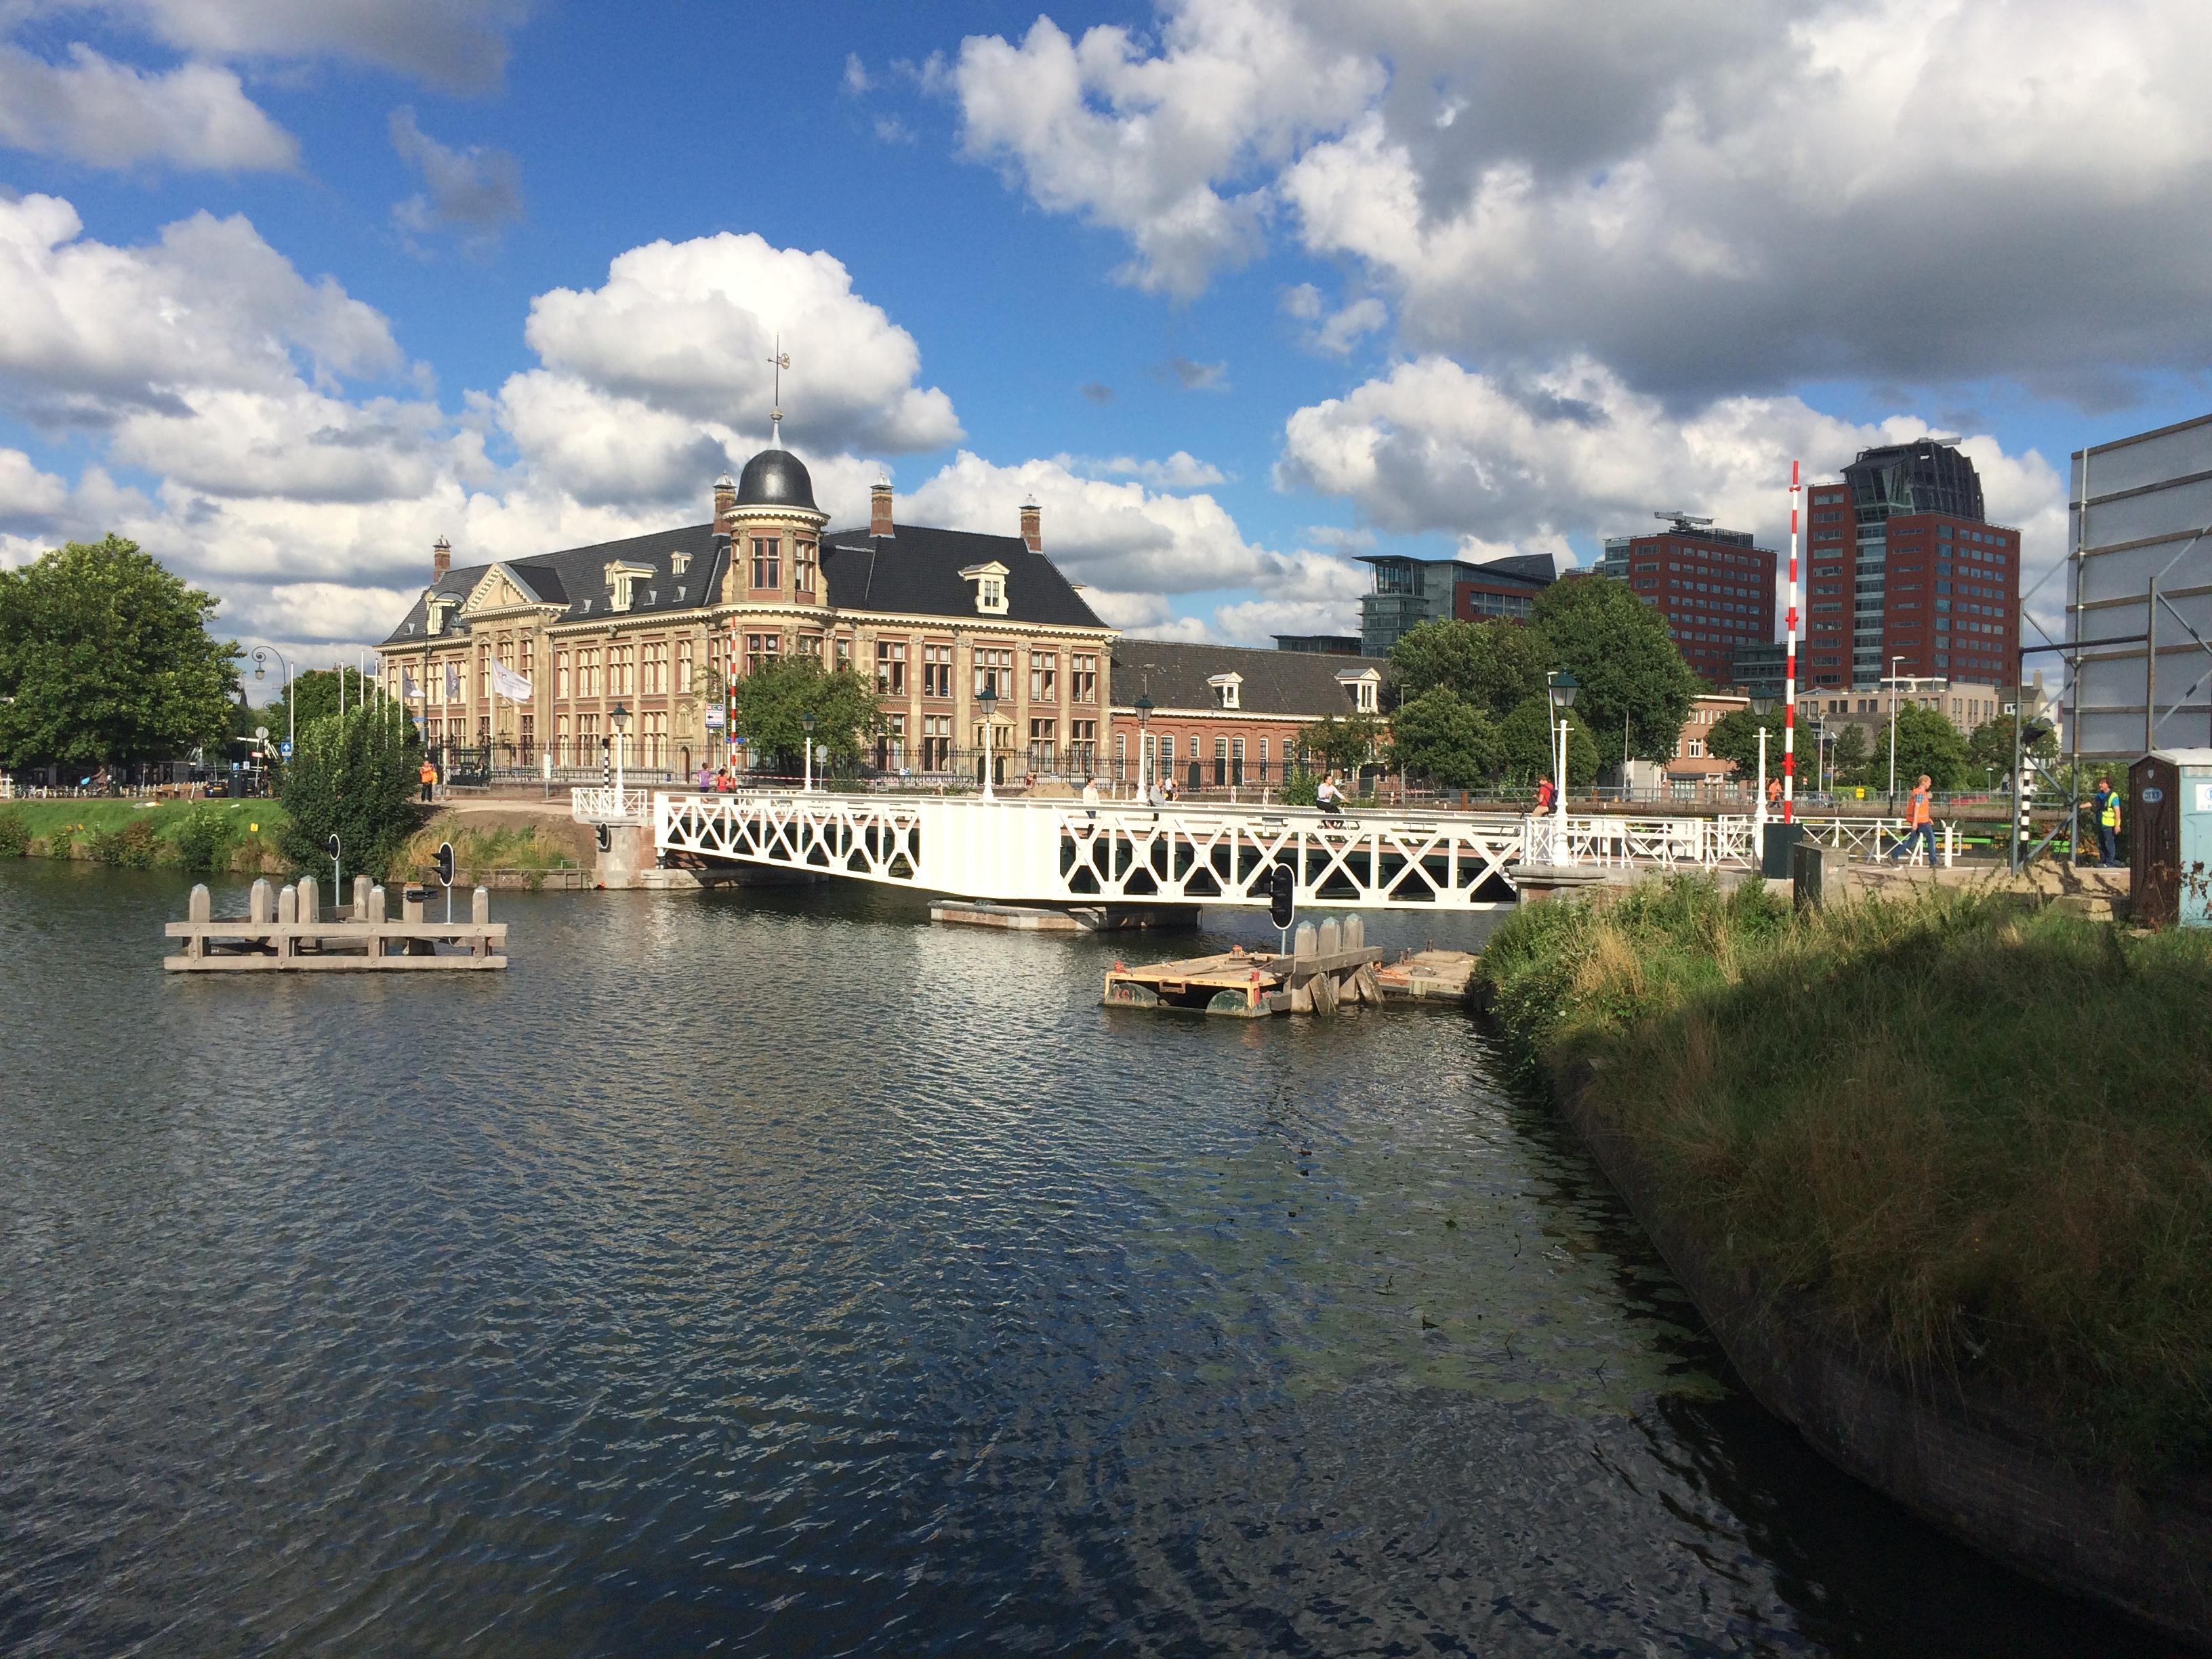 Modderkolk draagt steentje bij aan renovatie Muntbrug Utrecht